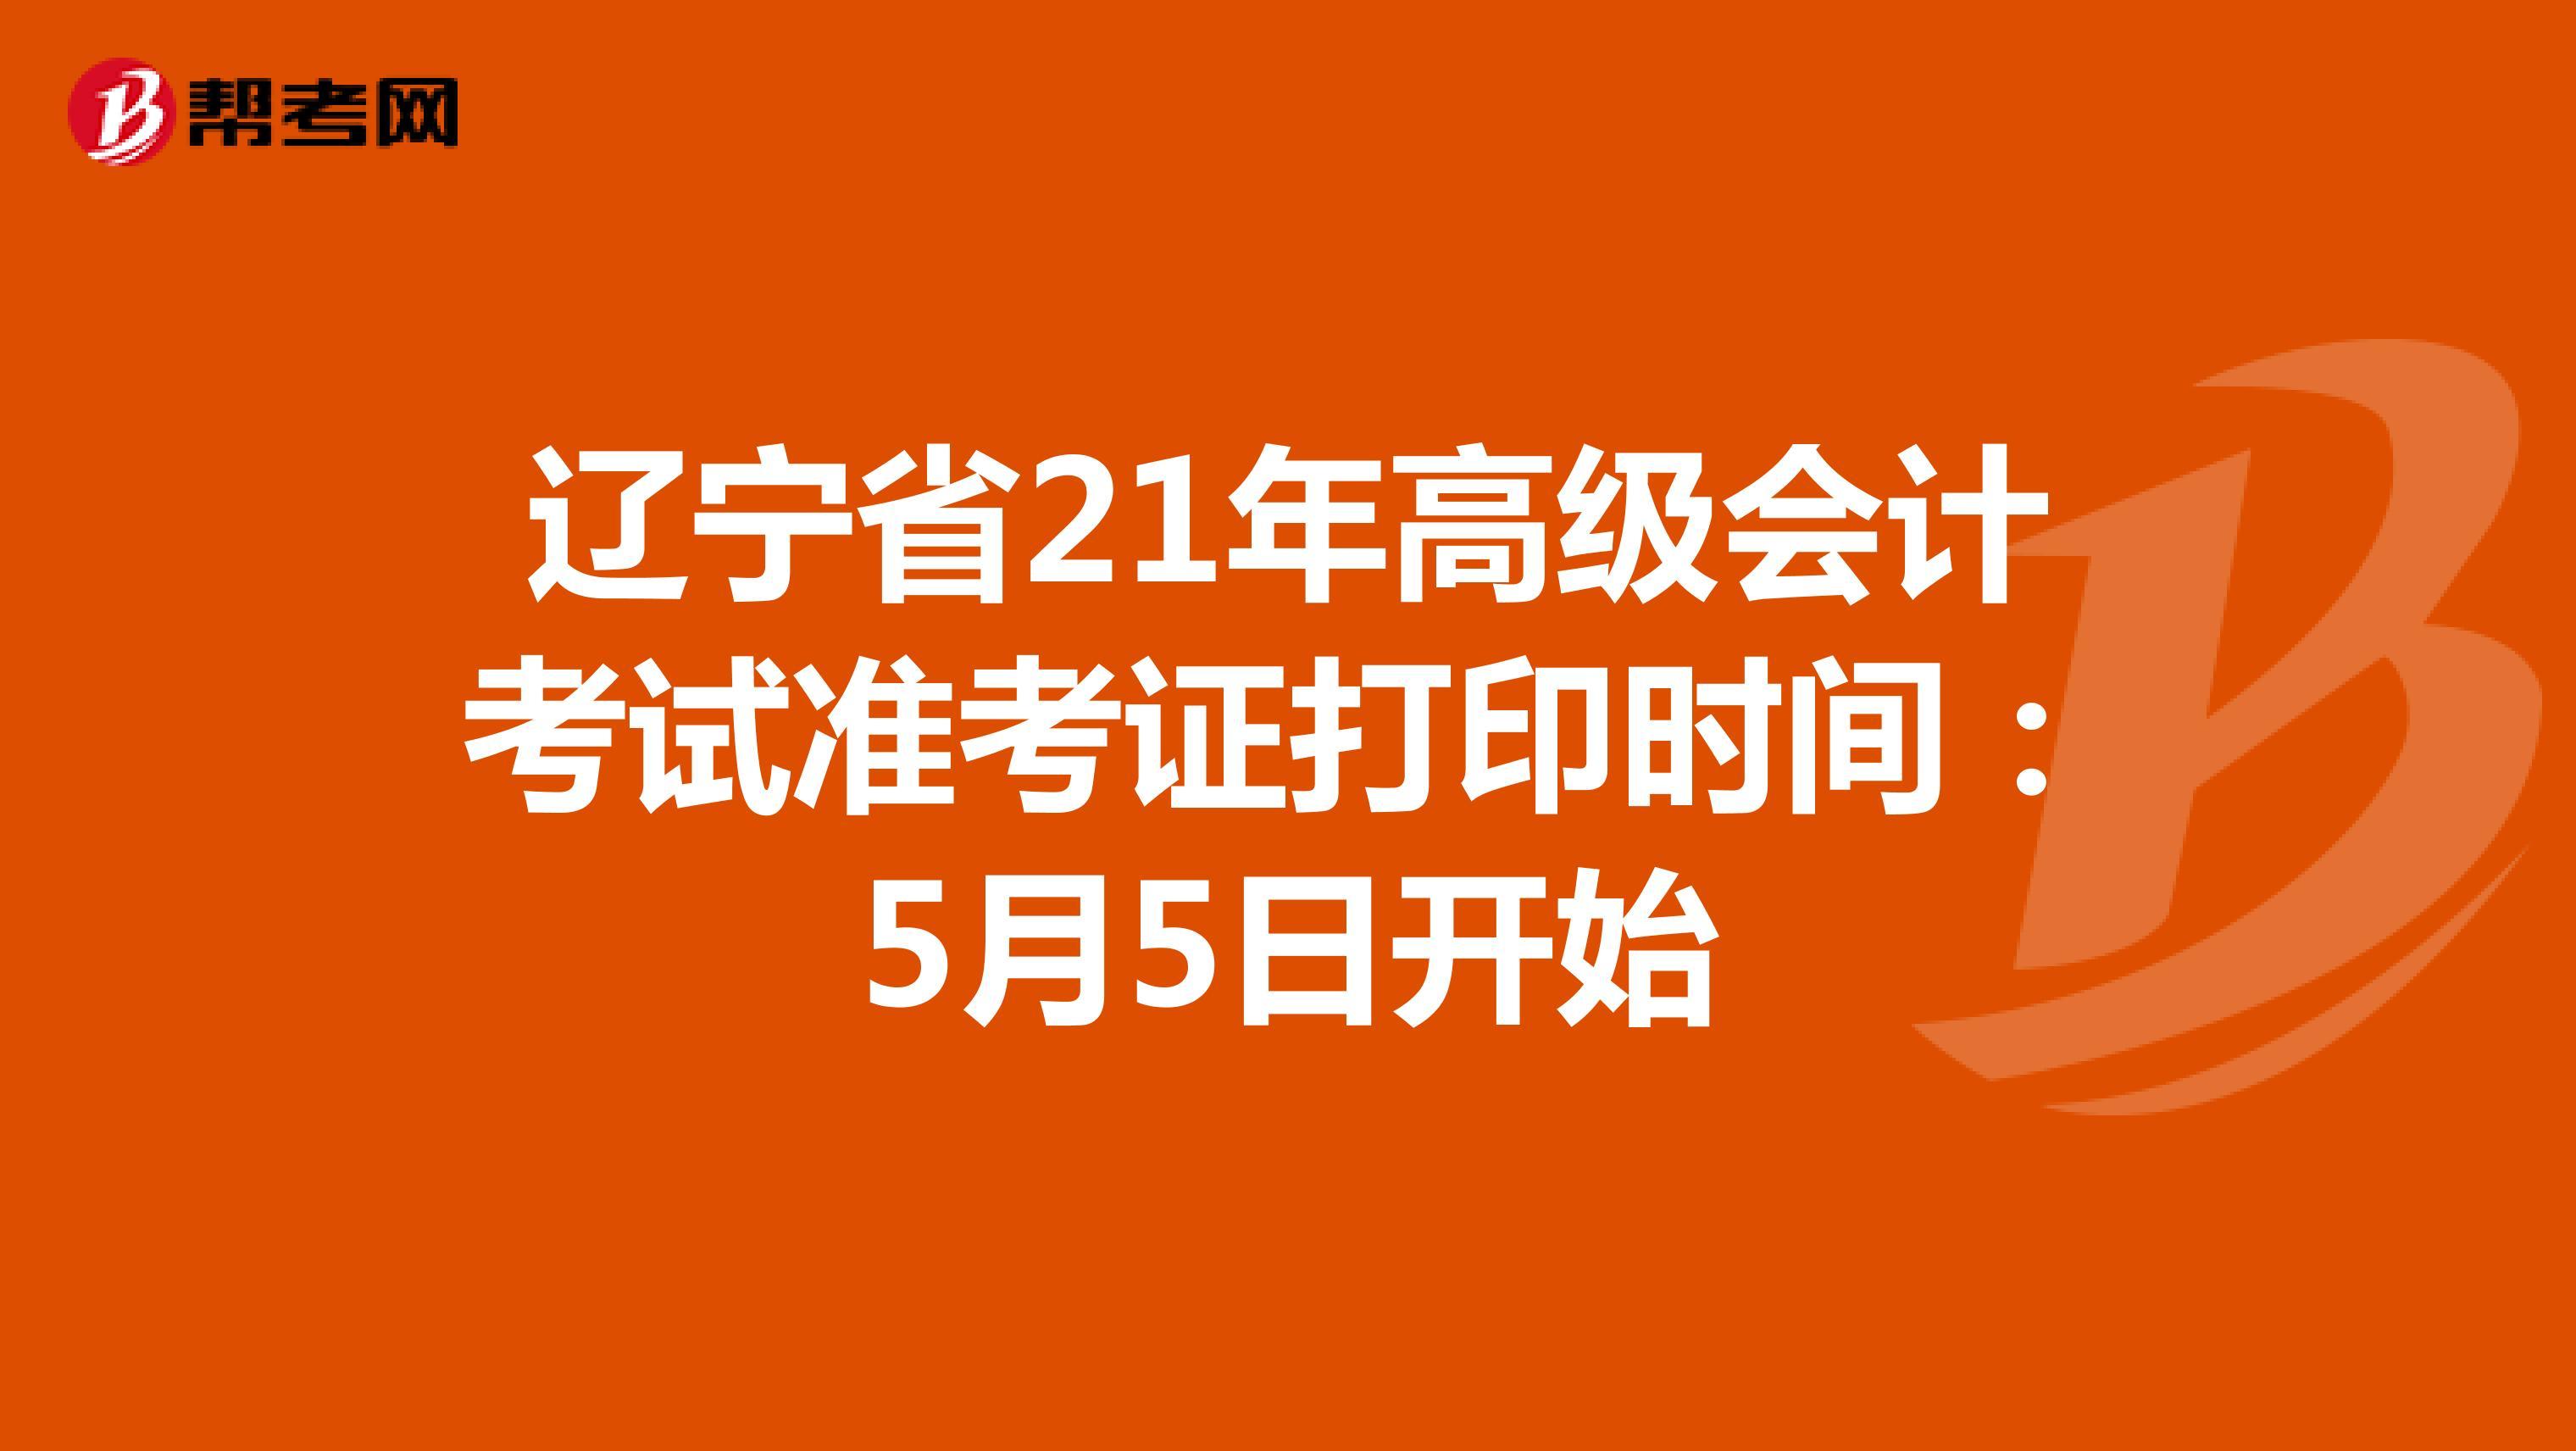 辽宁省21年高级会计考试准考证打印时间:5月5日开始